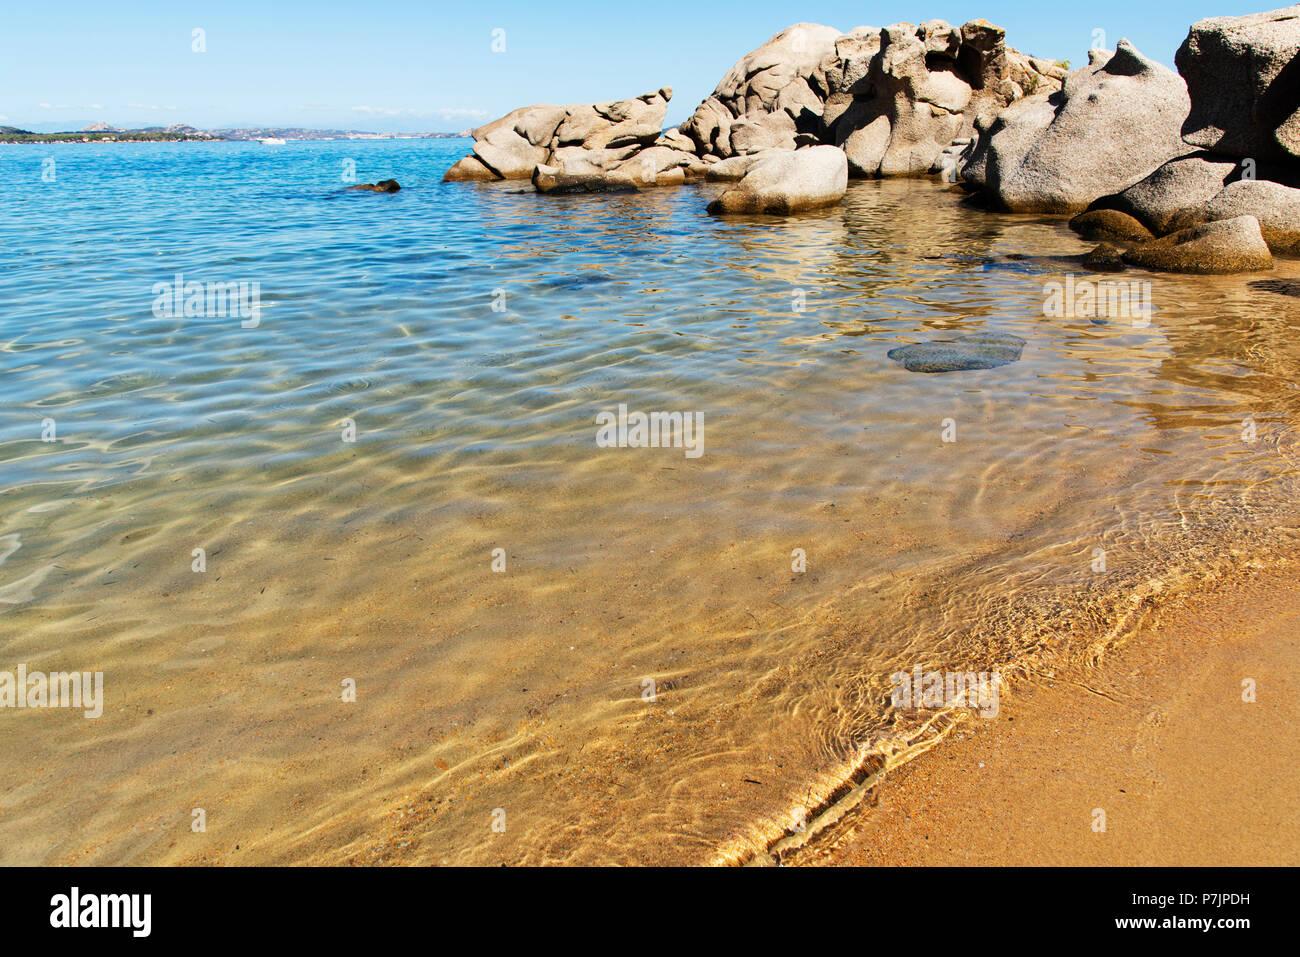 Une vue de l'eau claire de la mer Méditerranée et les formations rocheuses particulières à Cala Ginepro plage, dans la célèbre Costa Smeralda, Sardaigne, ita Photo Stock